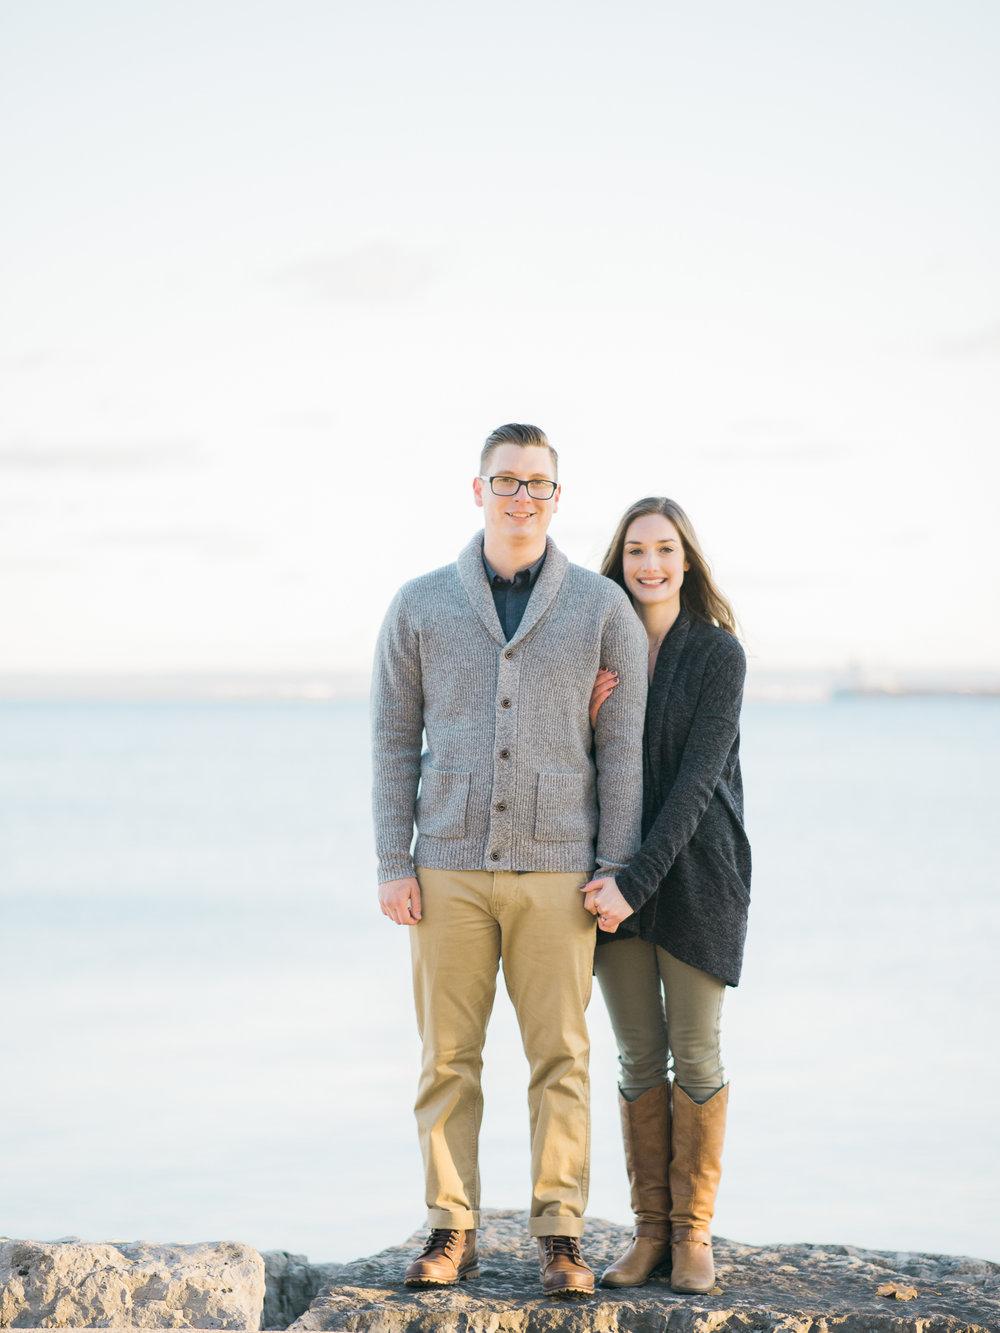 Justine&MarkSpencerSmithParkEngagement-24.jpg